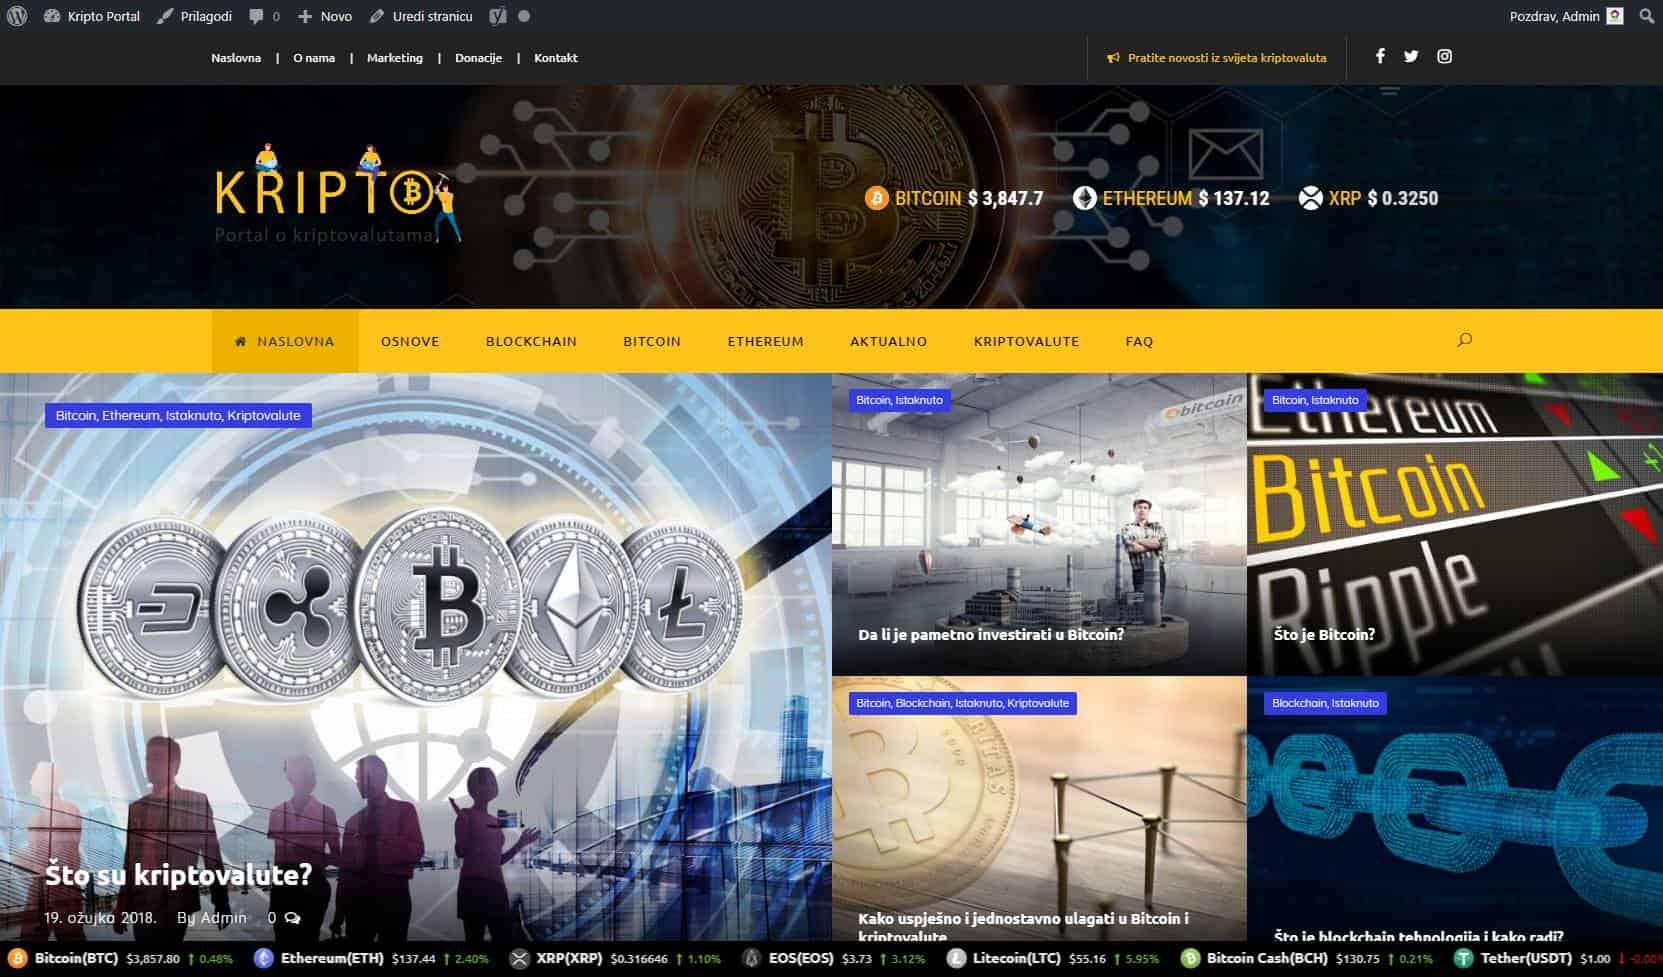 kripto-portal-propono multimedia